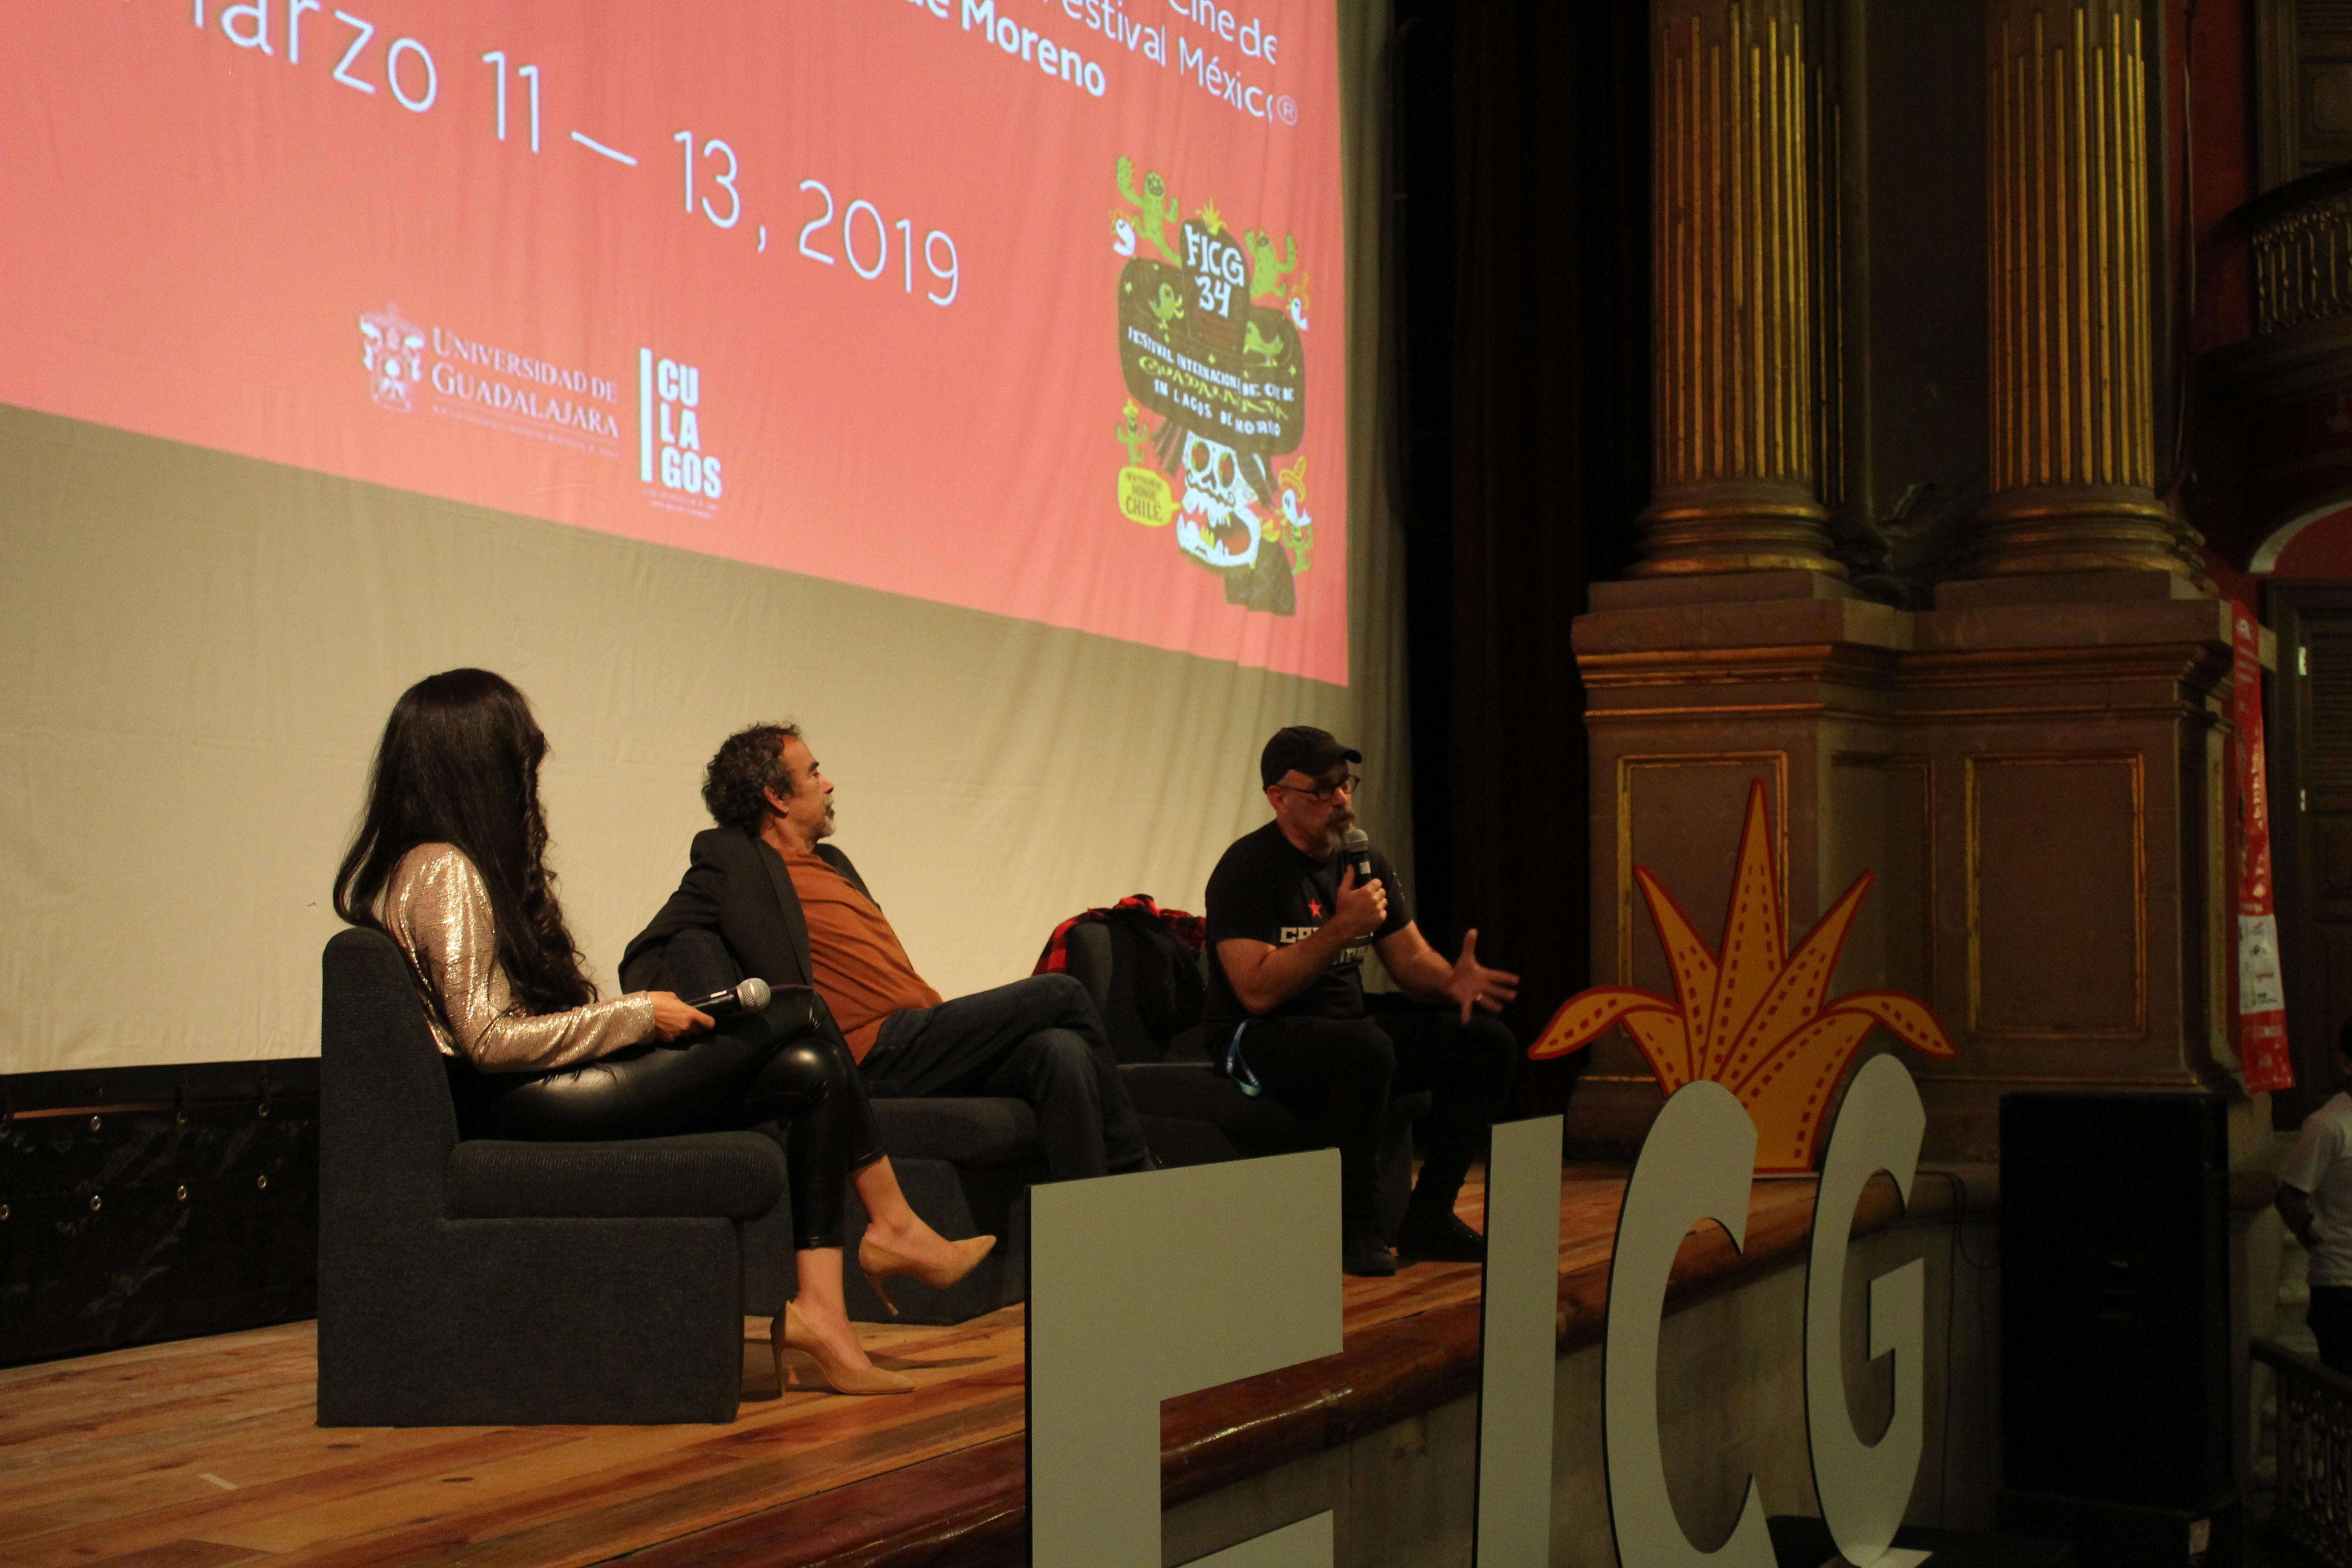 El escenario del teatro Rosas Moreno. De izquierda a derecha: Yahaira Padilla, como moderadora; Damián Alcázar y Sebastián del Amo